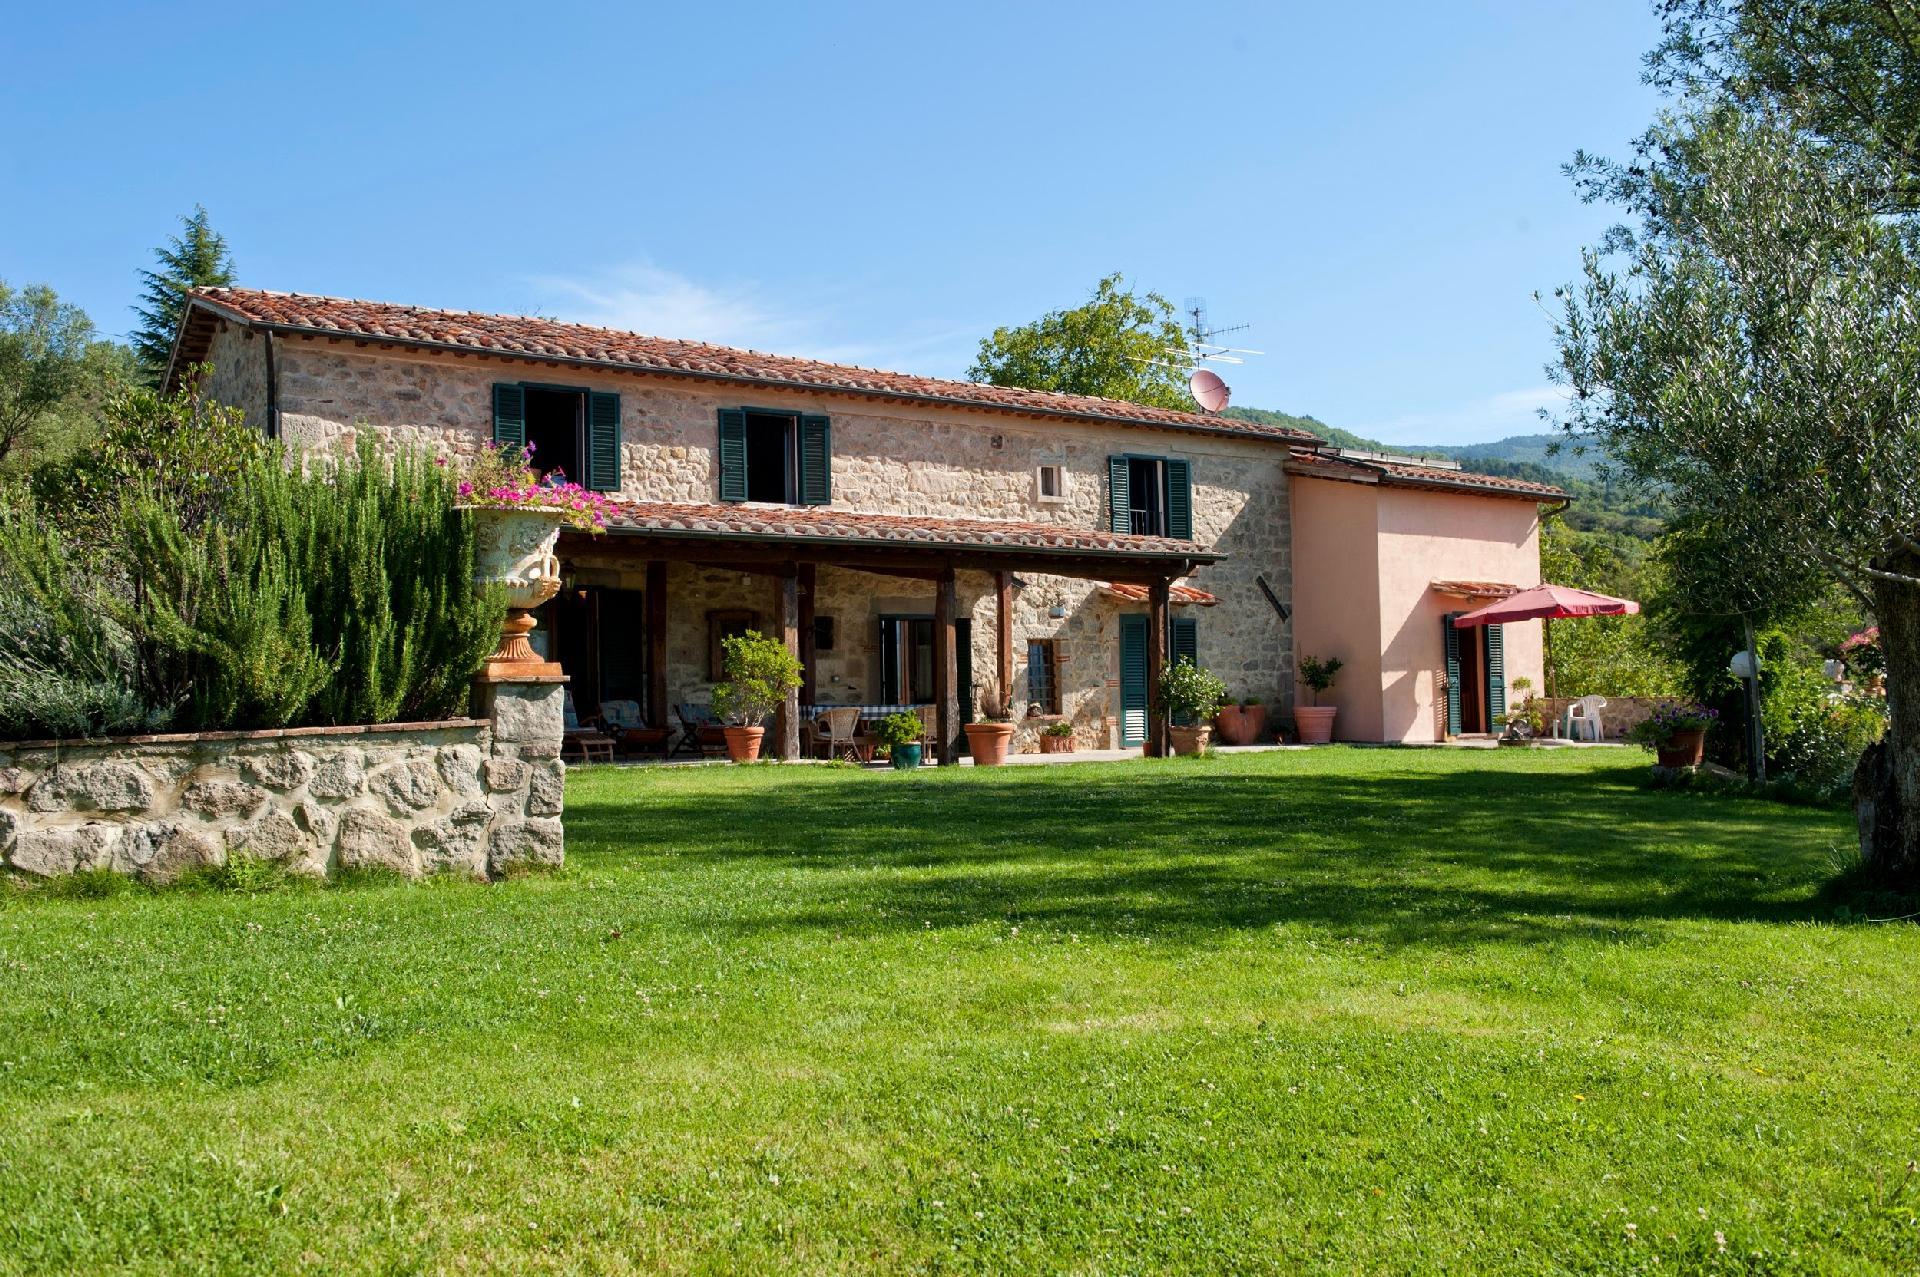 Maison De Vacances Pour 12 Personnes Santa Fiora